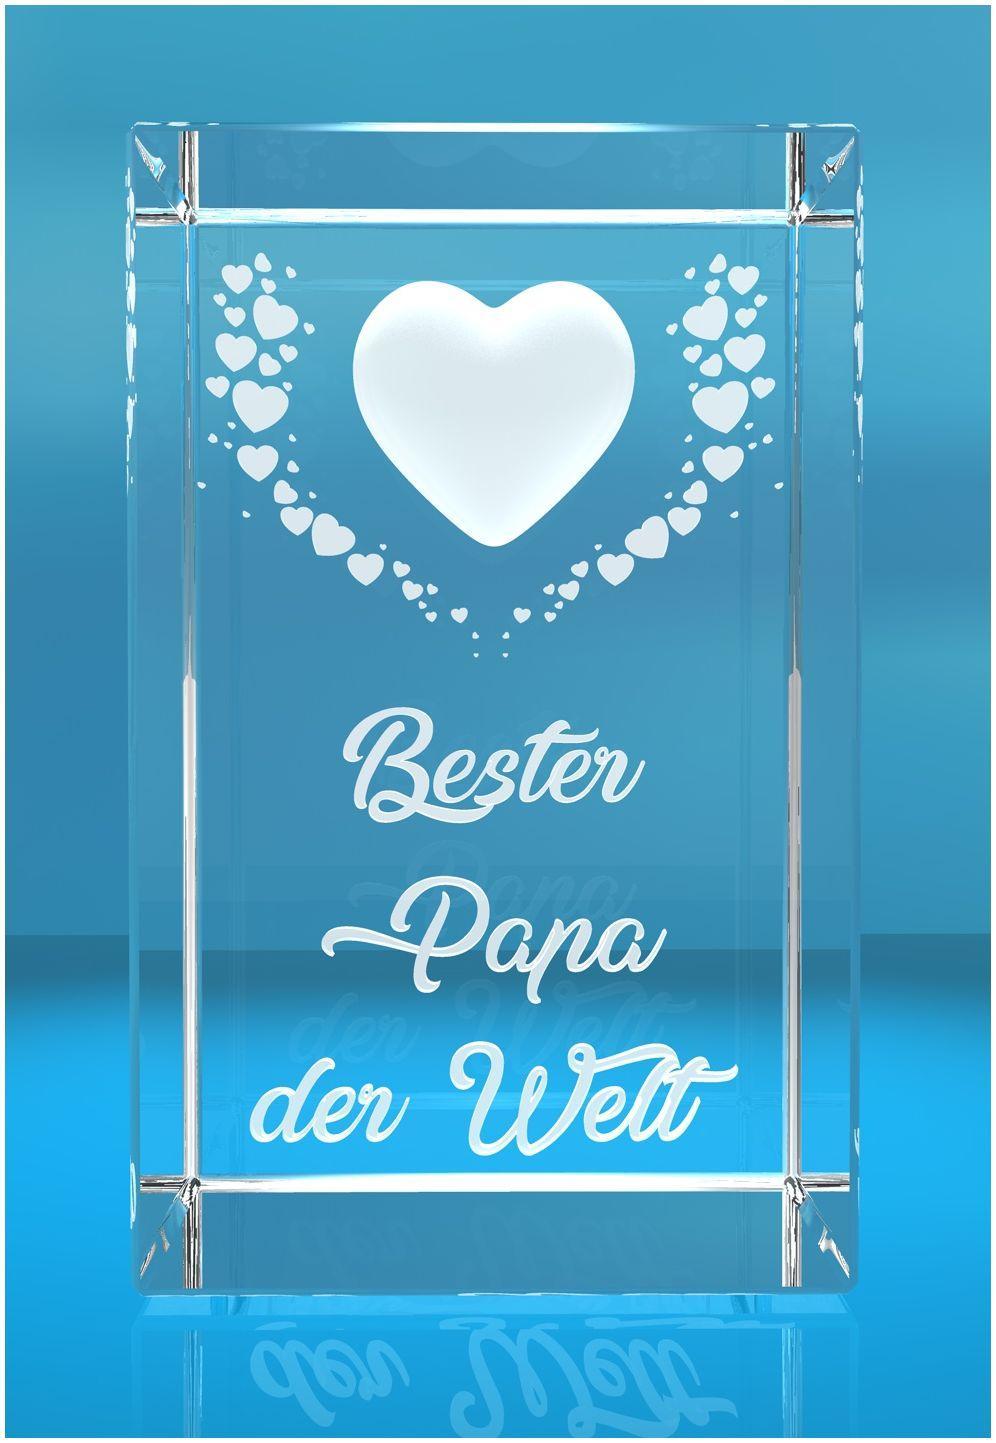 VIP-LASER   3D Kristall   Motiv: Fliegende Herzen   Bester Papa der Welt